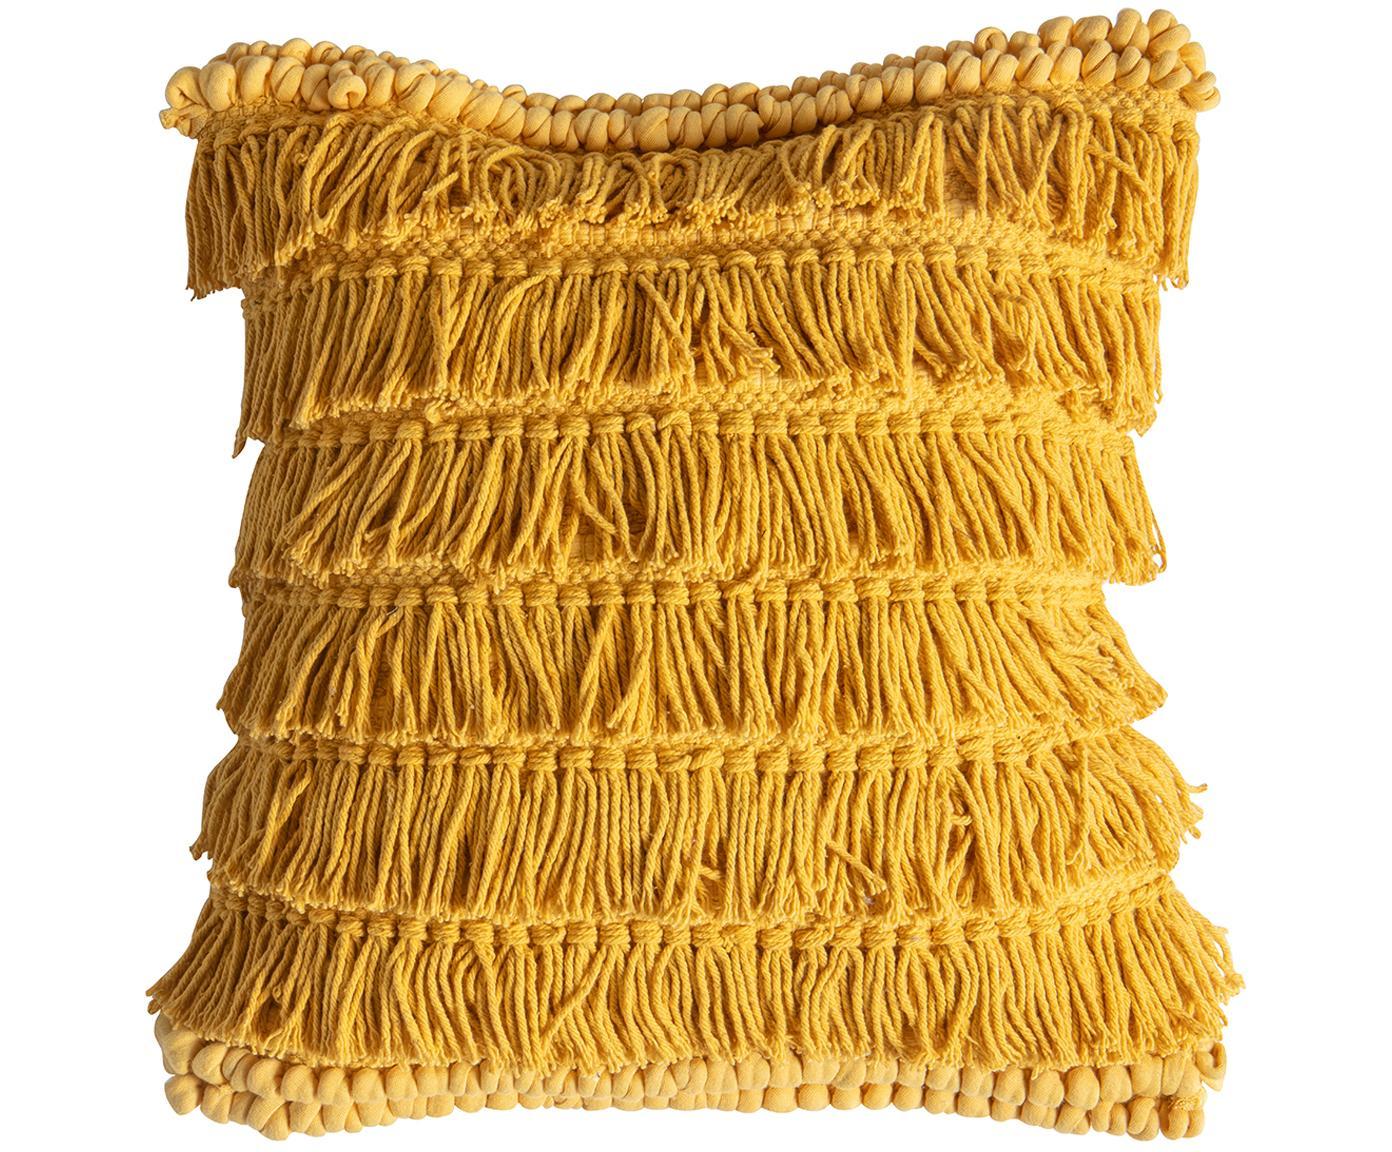 Poduszka z wypełnieniem Tallara, Tapicerka: 100% bawełna z recyklingu, Brunatnożółty, S 45 x D 45 cm